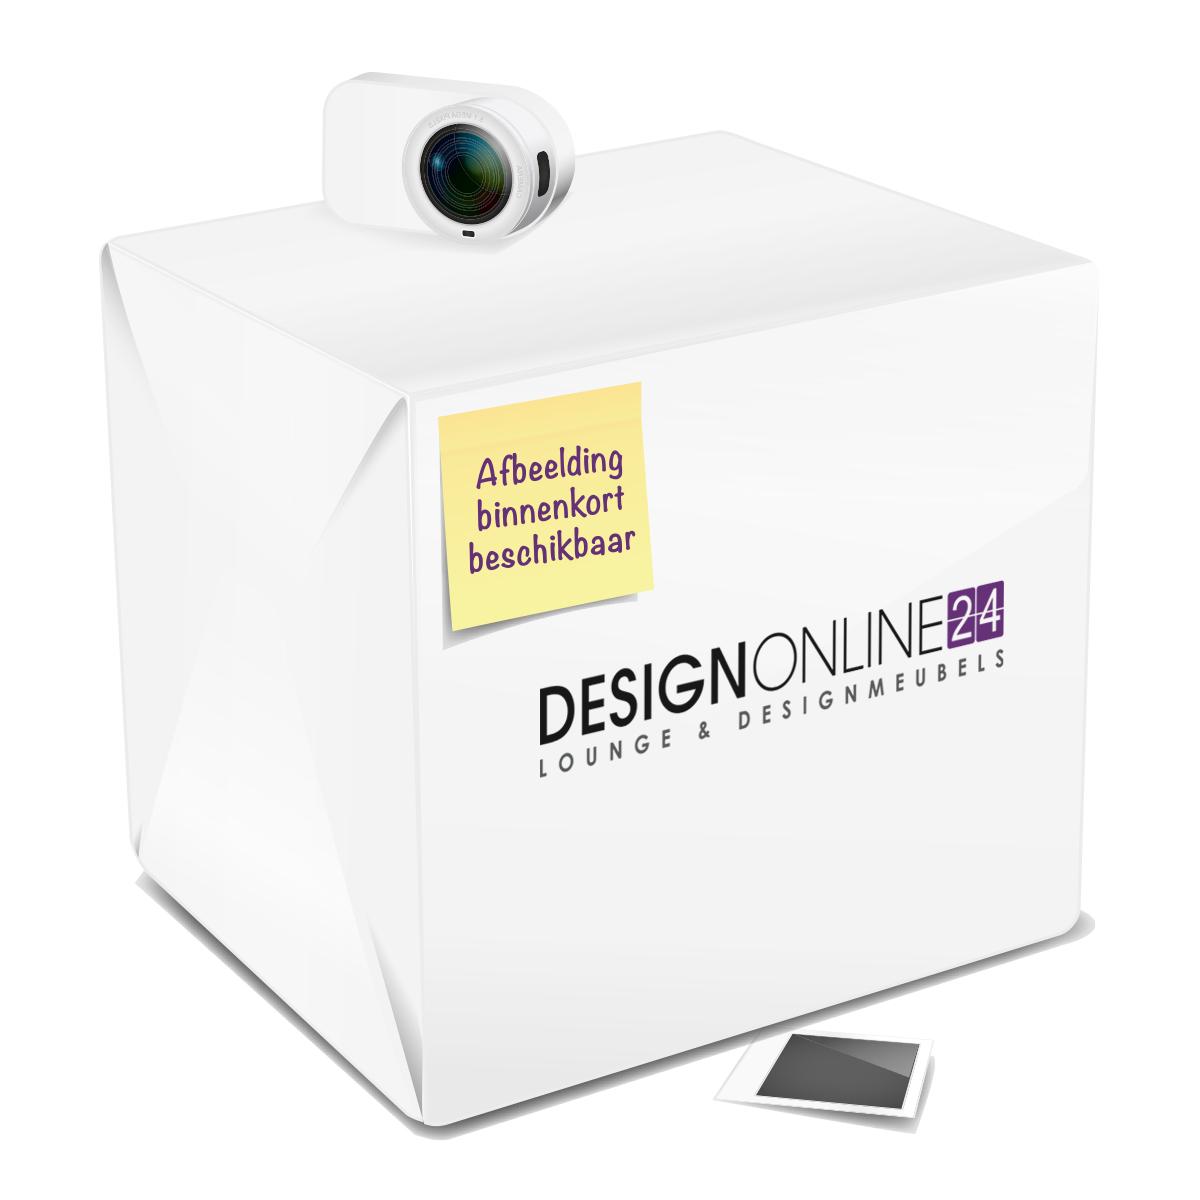 24Designs 24Designs Loungeset voor 4 Personen - Marina - Zwart Polyrattan Wicker met Crème witte kussens